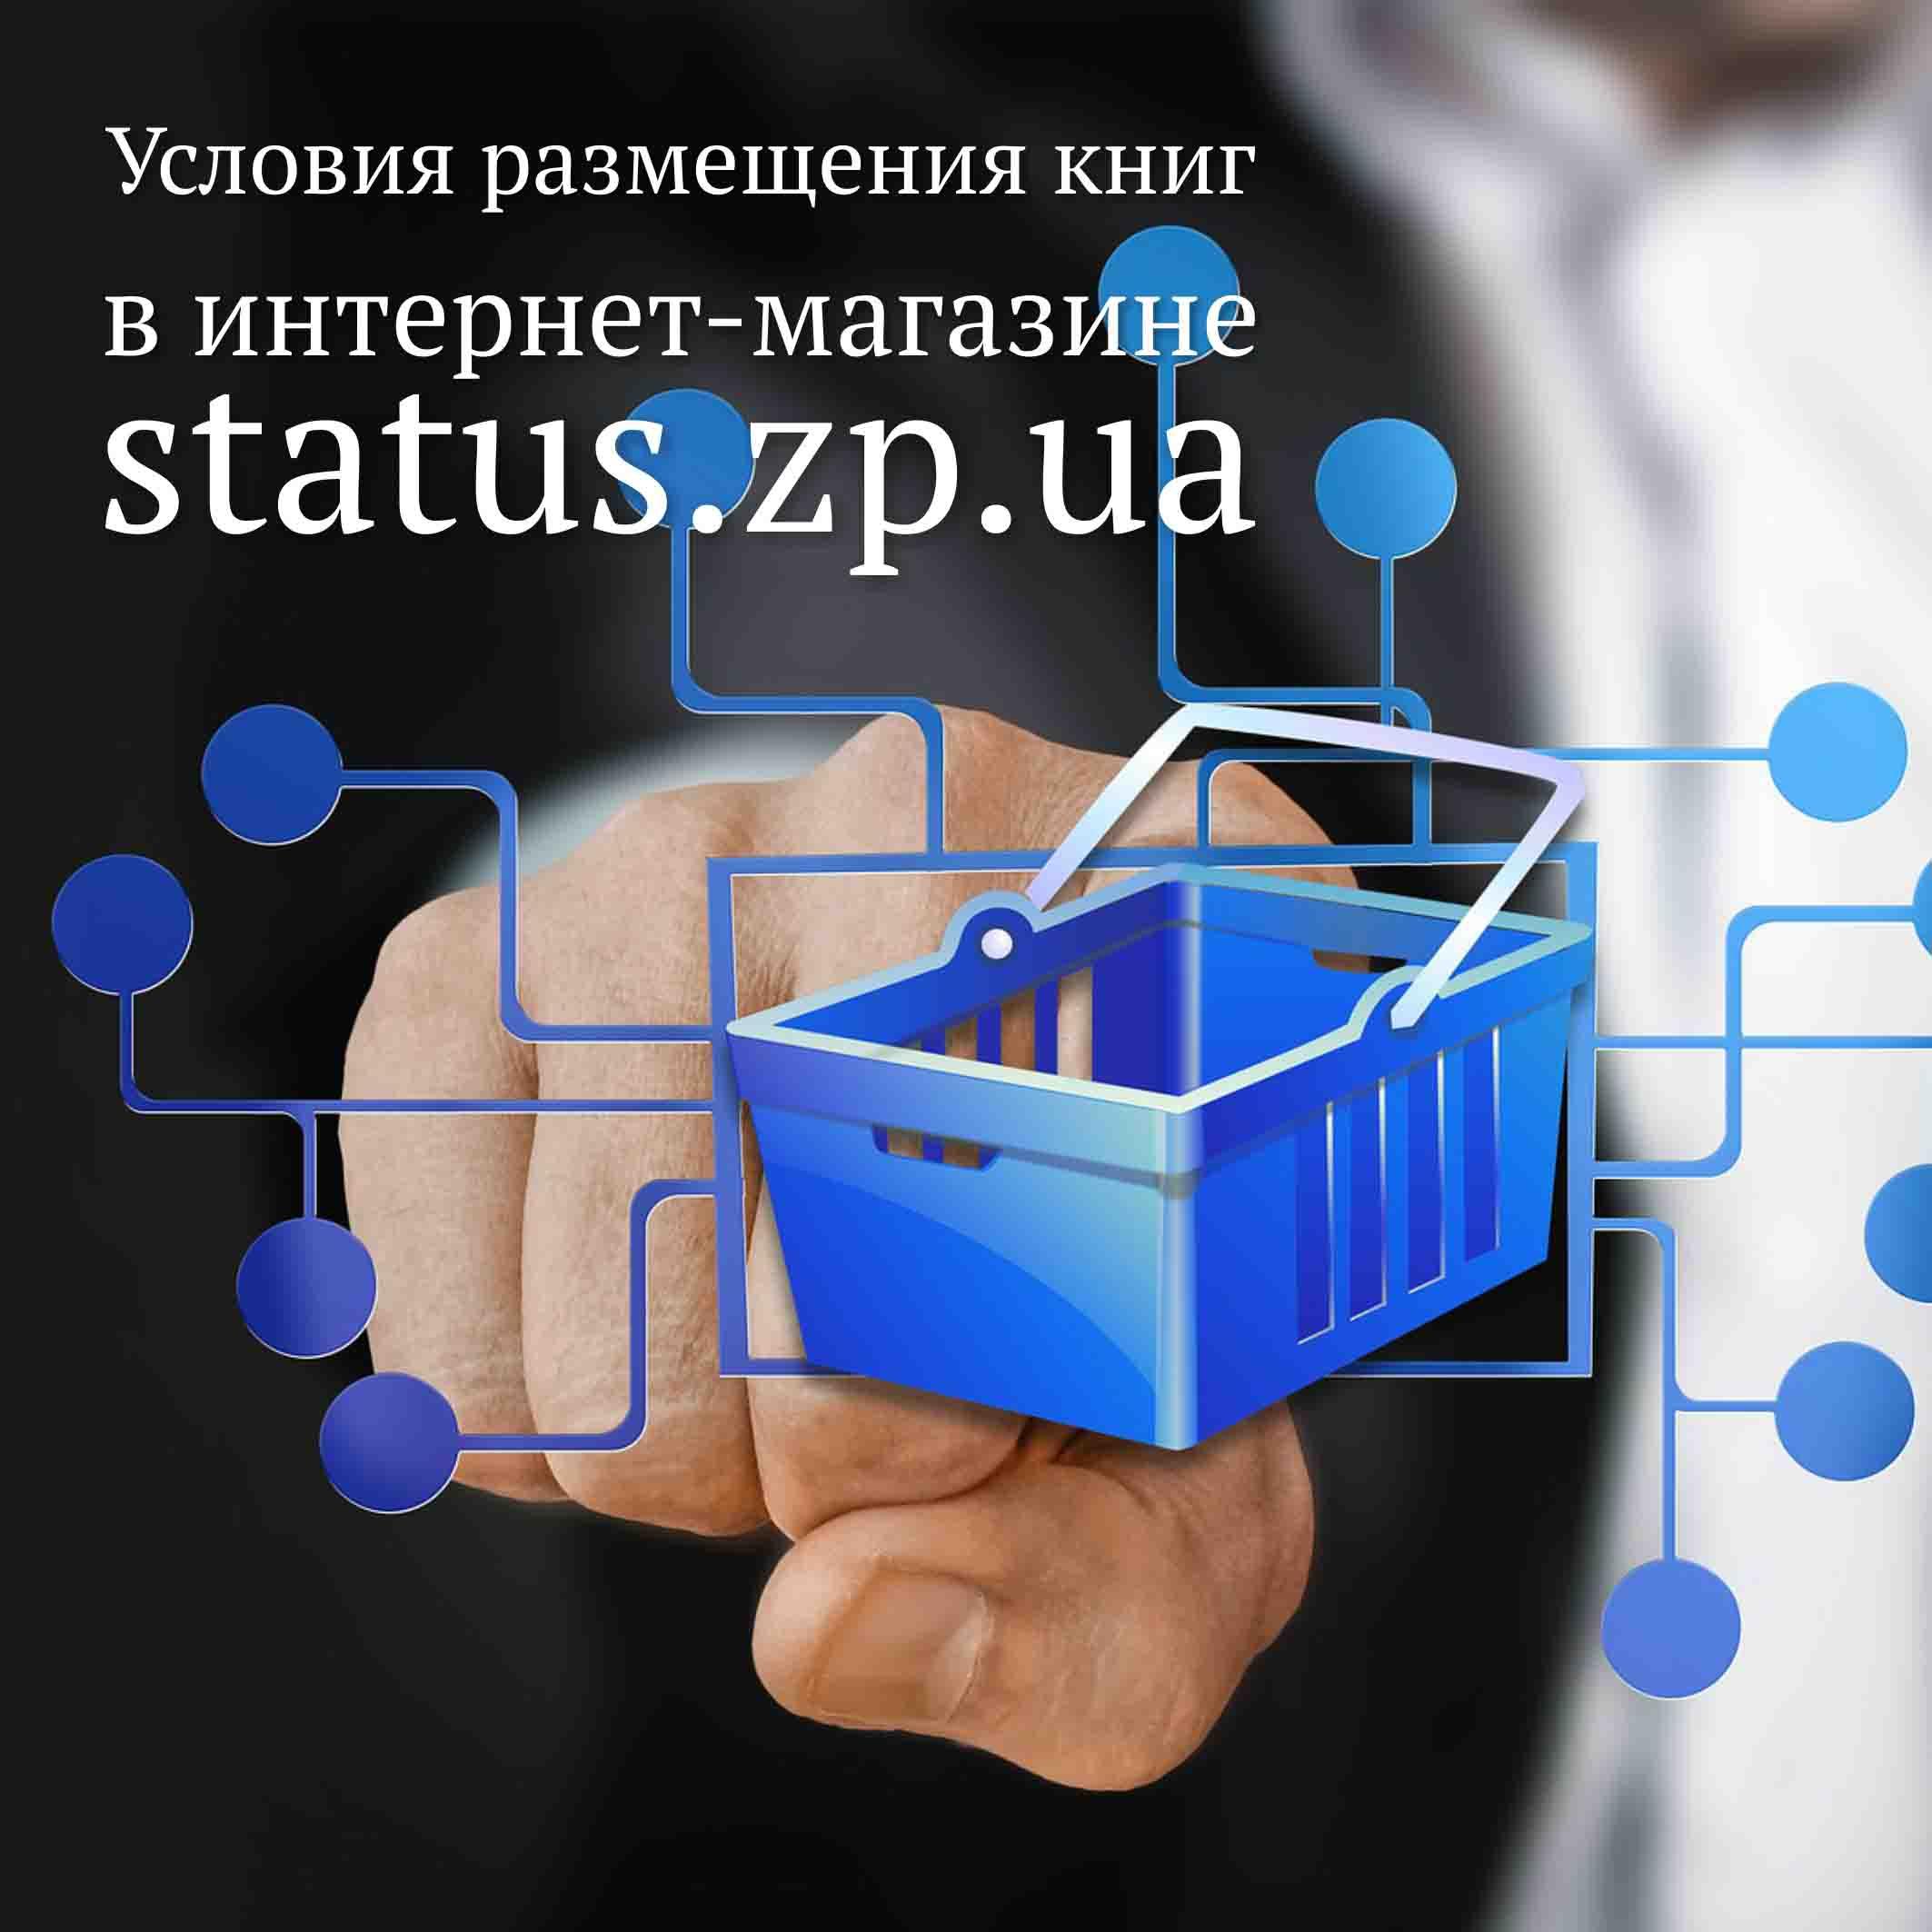 Условия размещения книг в интернет-магазине status.zp.ua